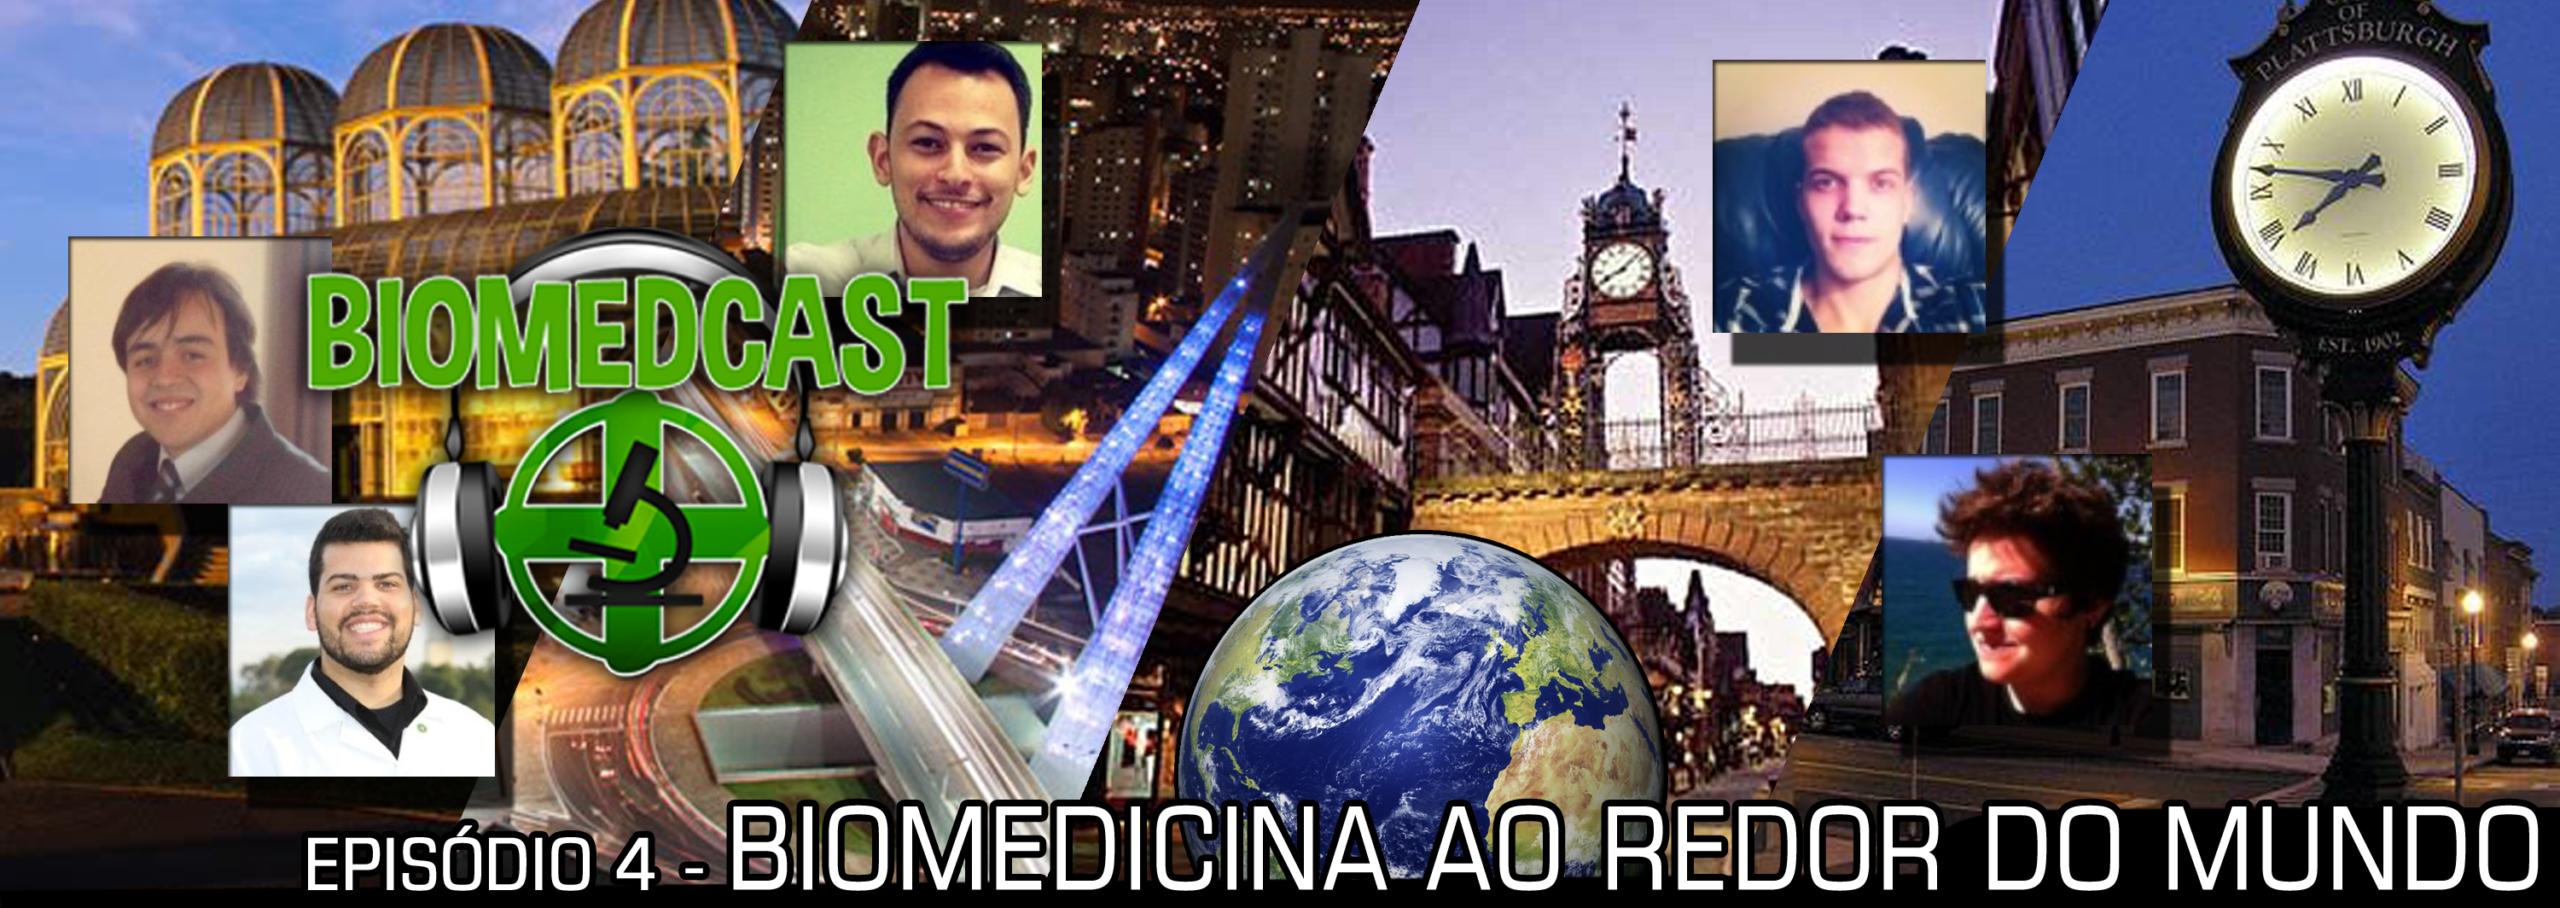 #4 Biomedicina Ao Redor do Mundo